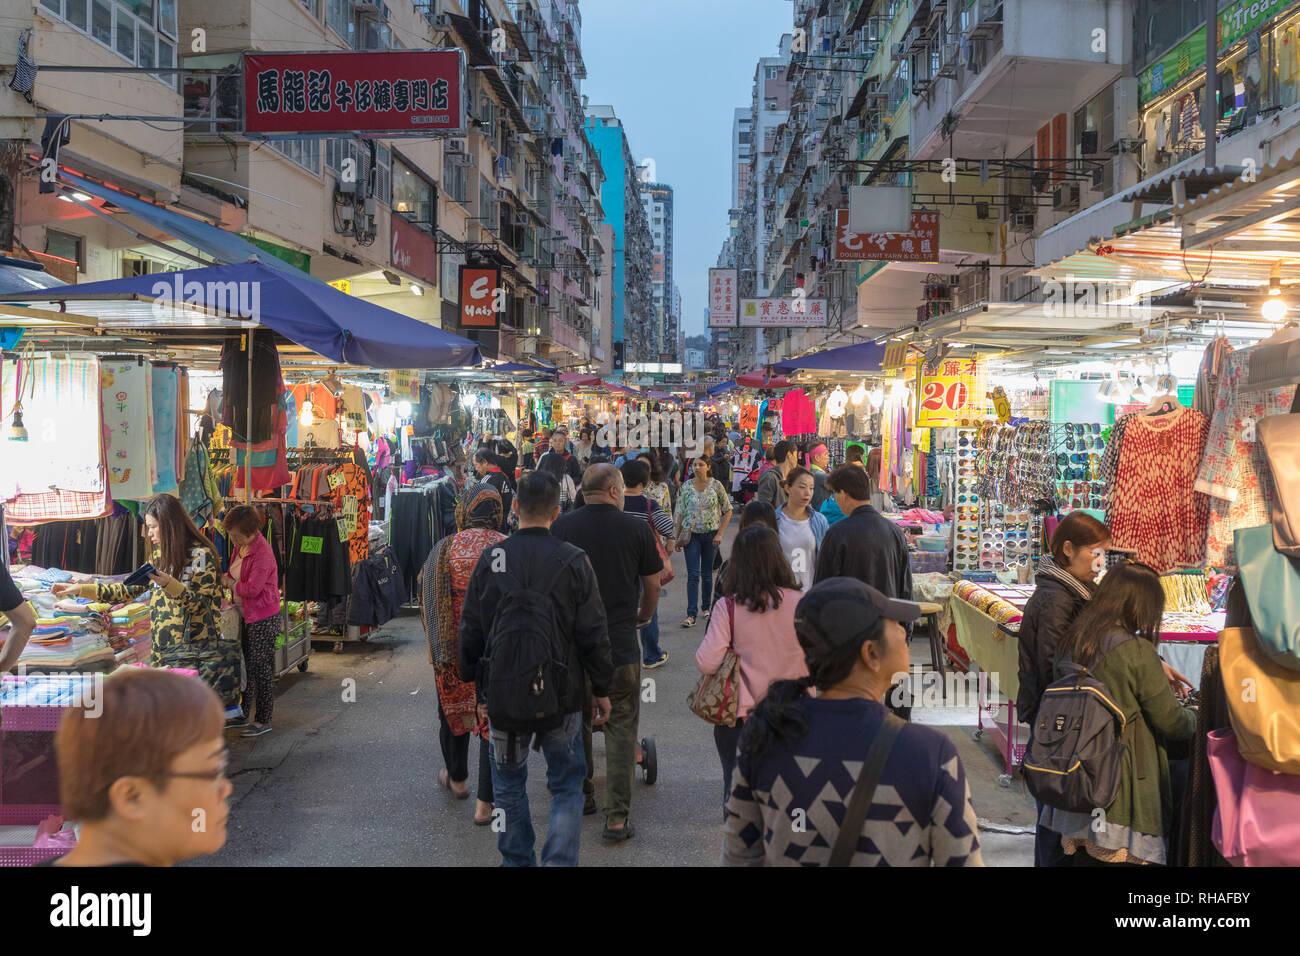 Kowloon, Hong Kong - April 22, 2017: People Shopping at Fa Yuen Street Market in Mong Kok, Kowloon, Hong Kong. - Stock Image